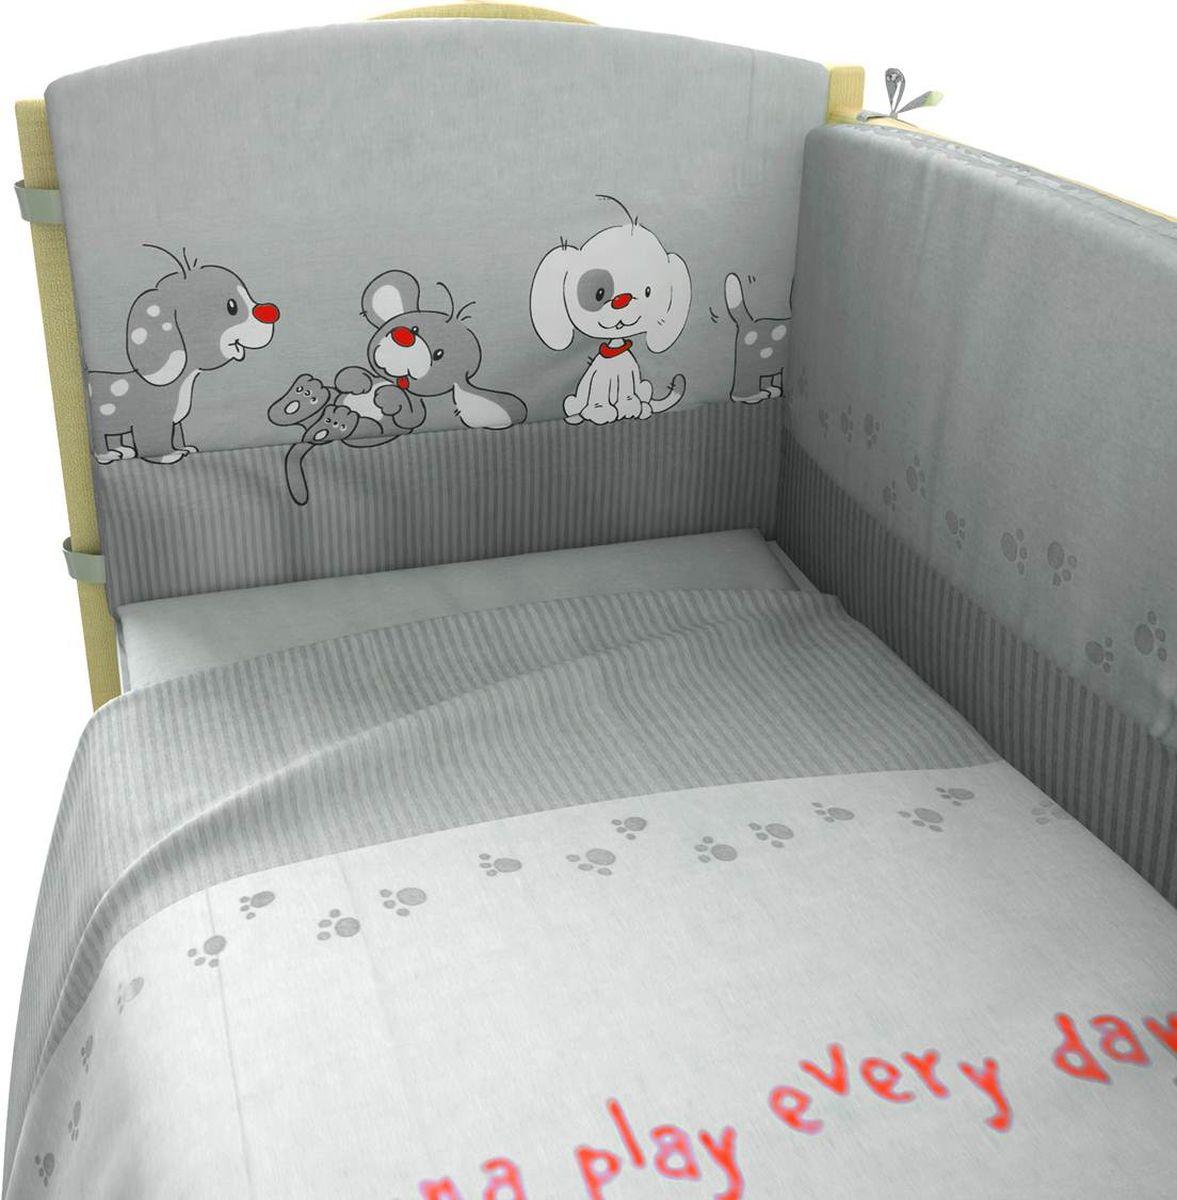 Фея Комплект белья для новорожденных Веселая игра цвет серый 6 предметовPANTERA SPX-2RSВ комплект входят: Борт: 42 х 49 х 180 см Подушка: 40 х 60 смОдеяло: 110 х 140 смНаволочка: 40 х 60 смПростыня на резинке на матрац (120 х 60 см)Пододеяльник: 110 х 140 см